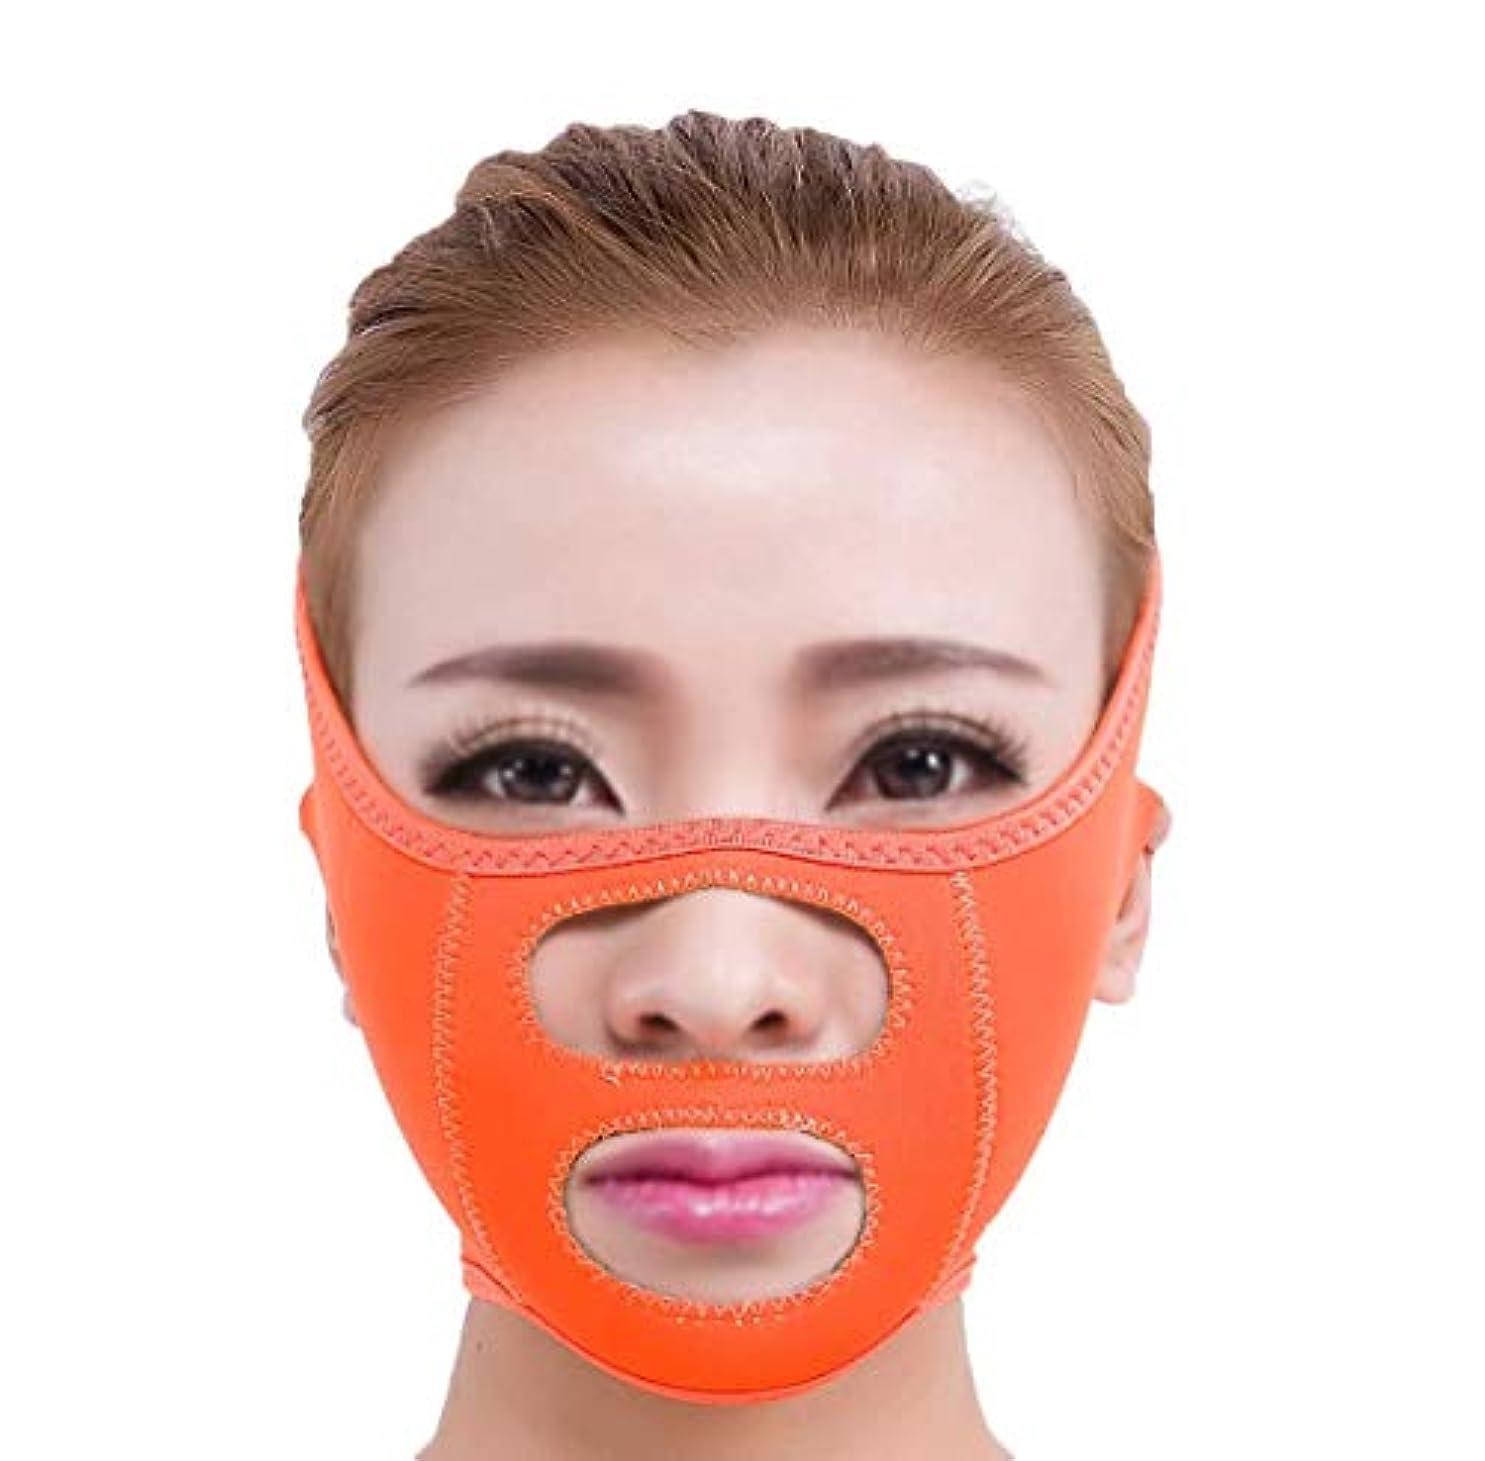 通行人オッズシェードスモールフェイスツールVフェイス包帯フェイシャルリフティングフェイシャルマッサージャー美容通気性マスクVフェイスマスク睡眠薄い顔でオレンジ